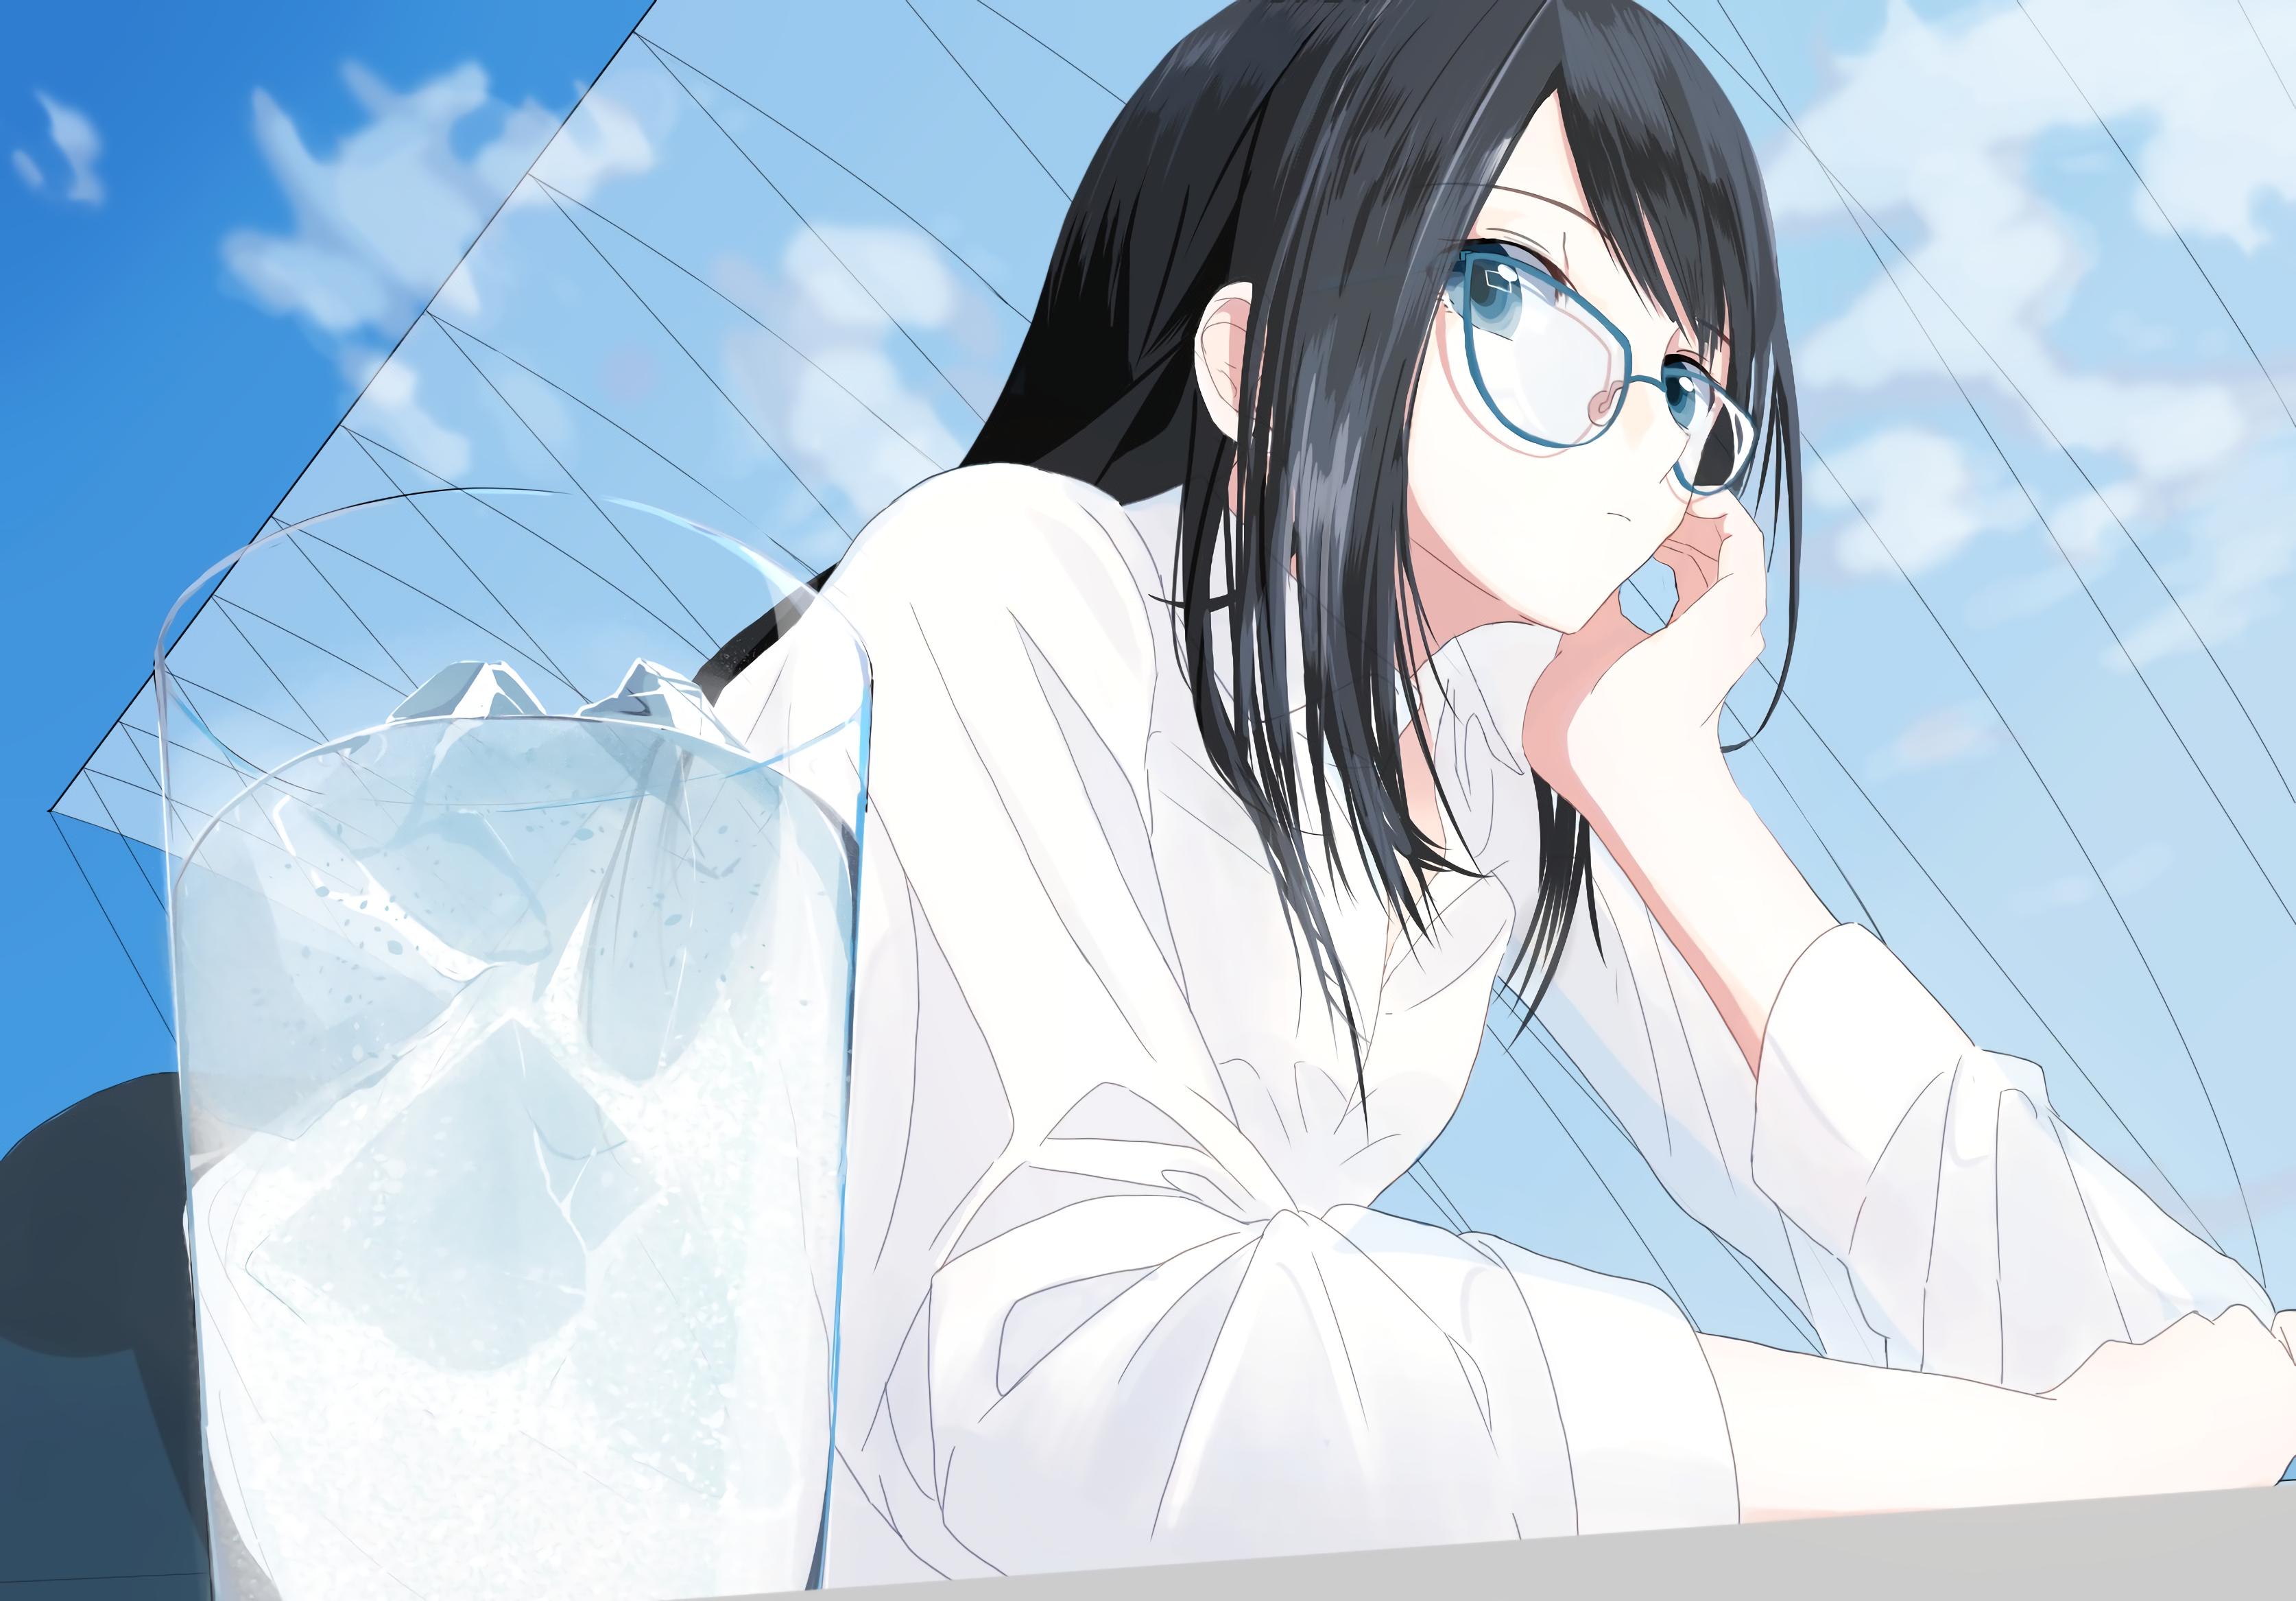 Wallpaper Illustration Long Hair Anime Girls Blue Eyes Glasses